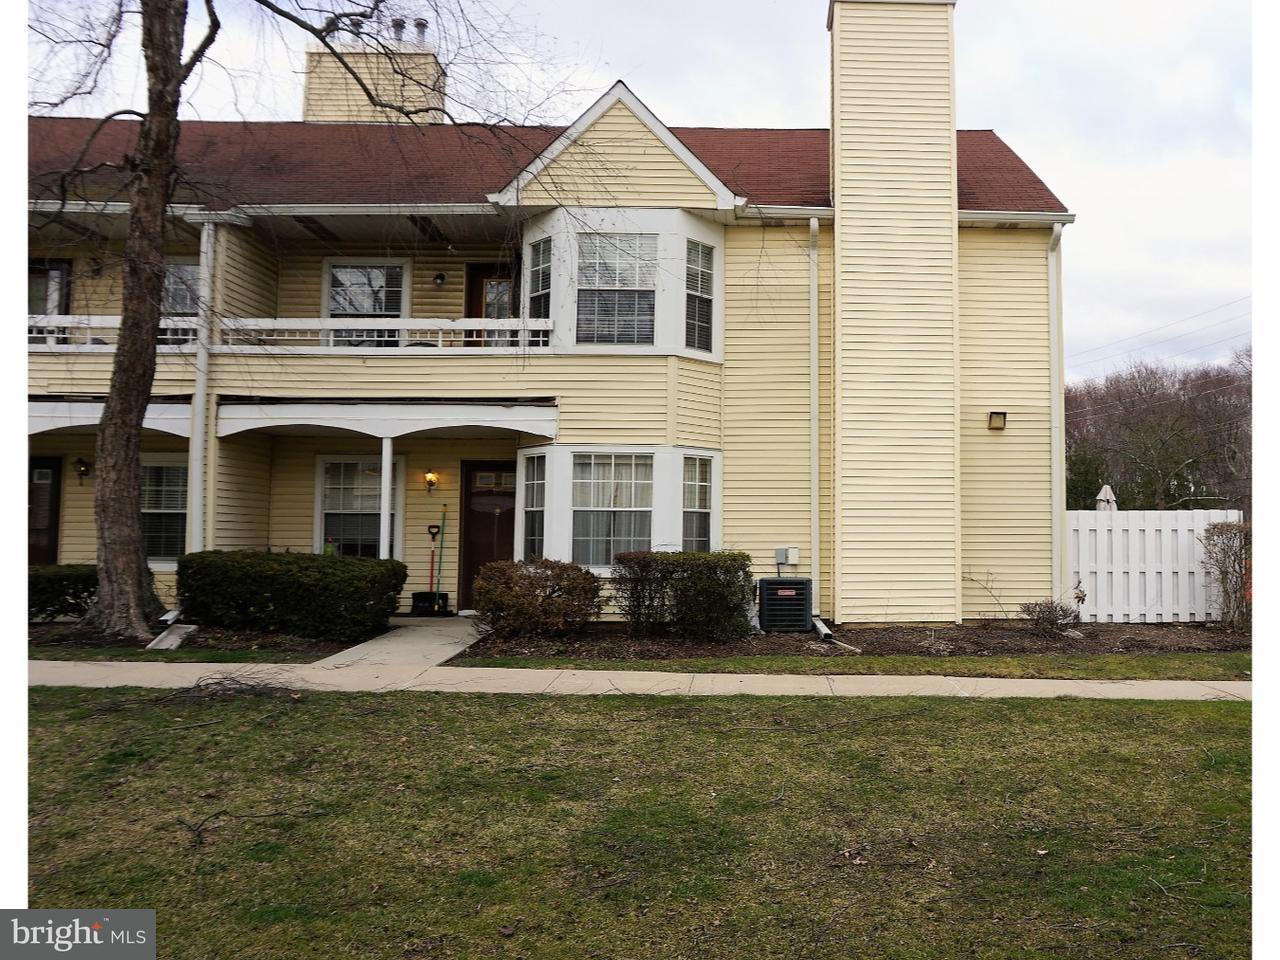 Maison unifamiliale pour l à louer à 180 MILL RUN E Hightstown, New Jersey 08520 États-UnisDans/Autour: Hightstown Borough